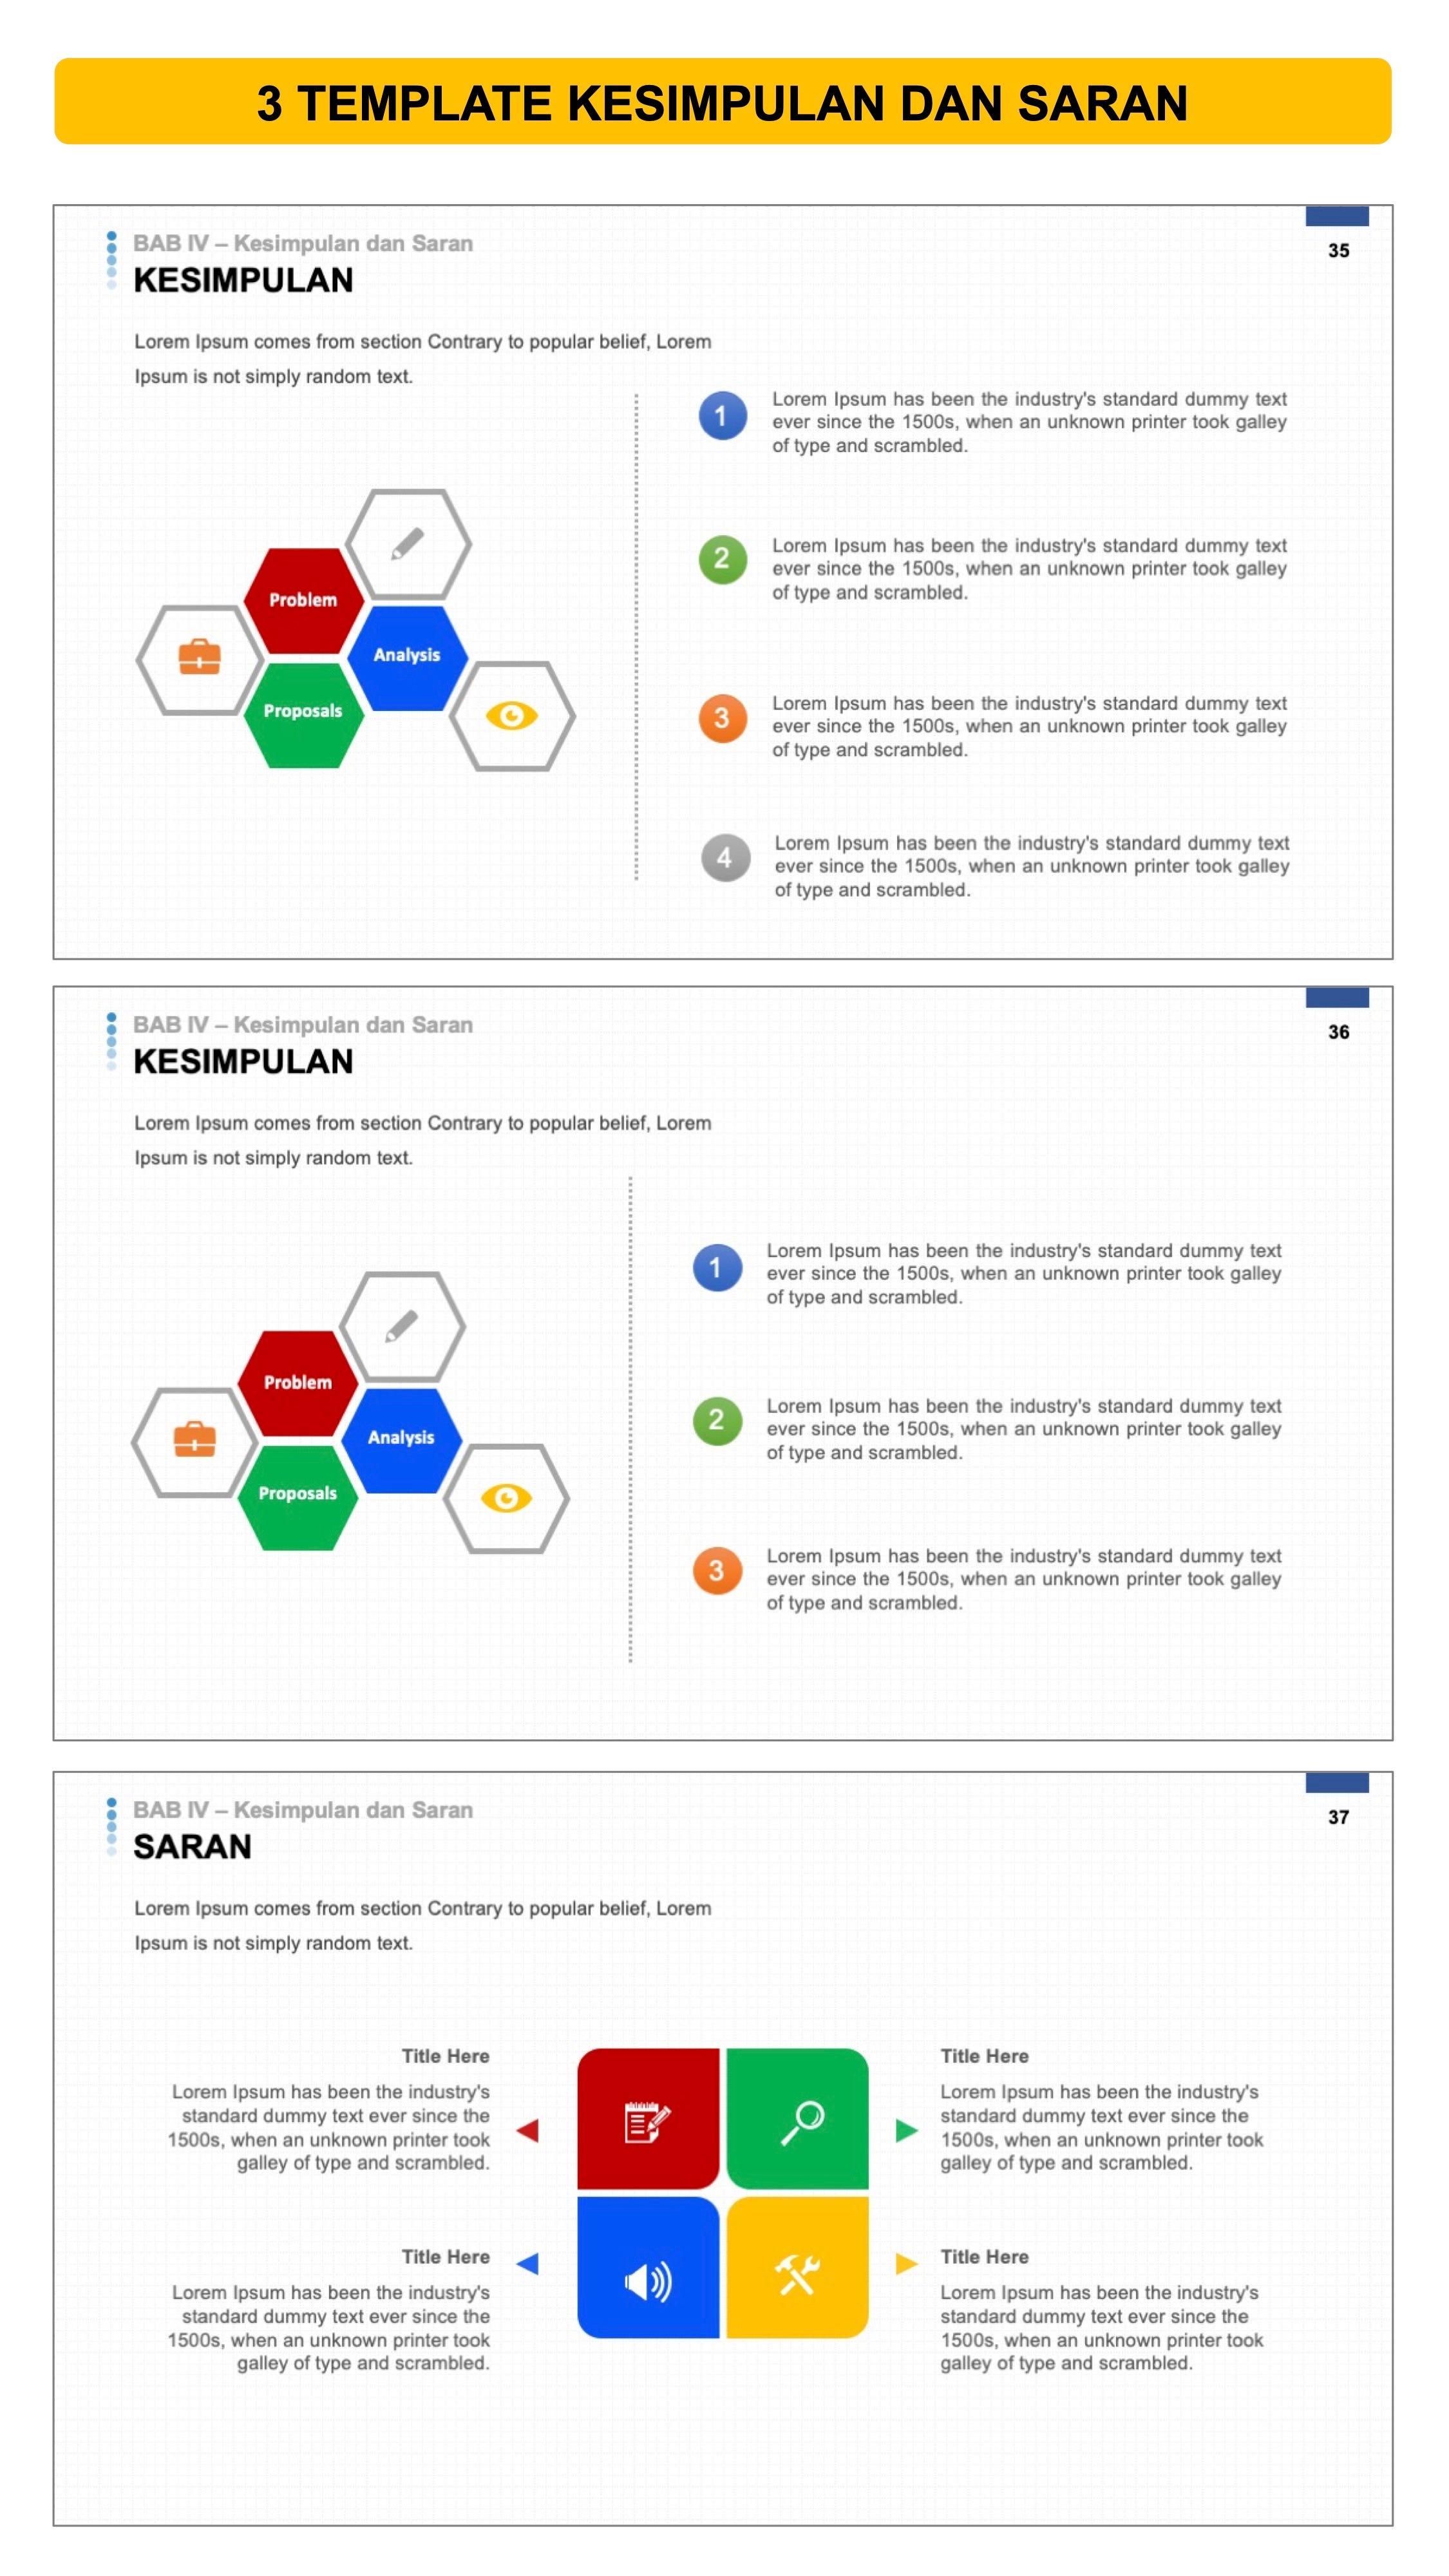 Contoh Slide Presentasi Skripsi yang Baik dan Menarik (Terbaru di...)